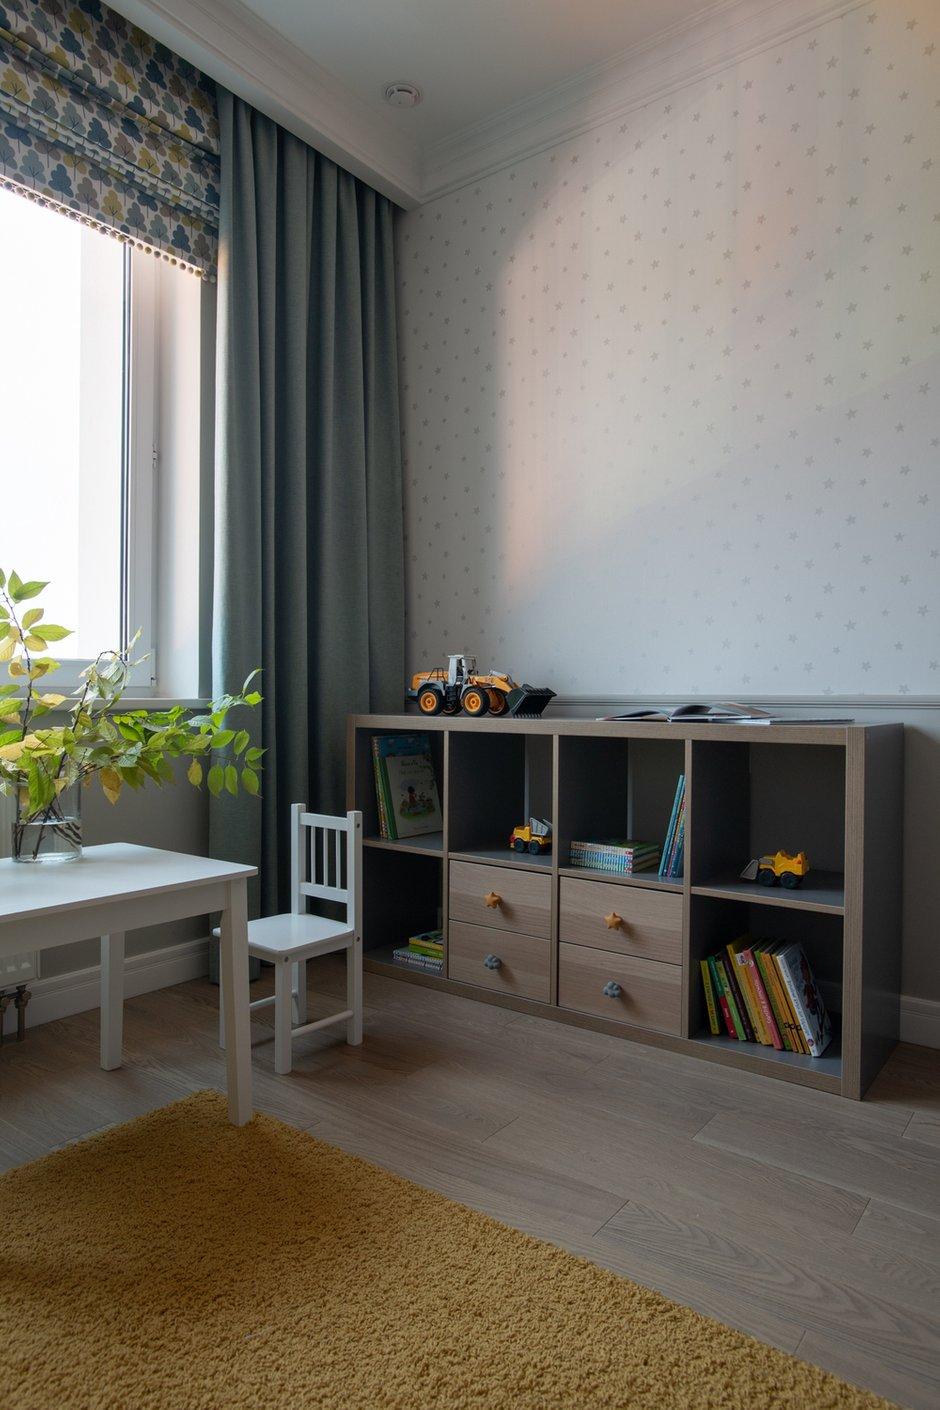 Кастомизировать мебель ИКЕА можно, просто заменив ручки на более декоративные.